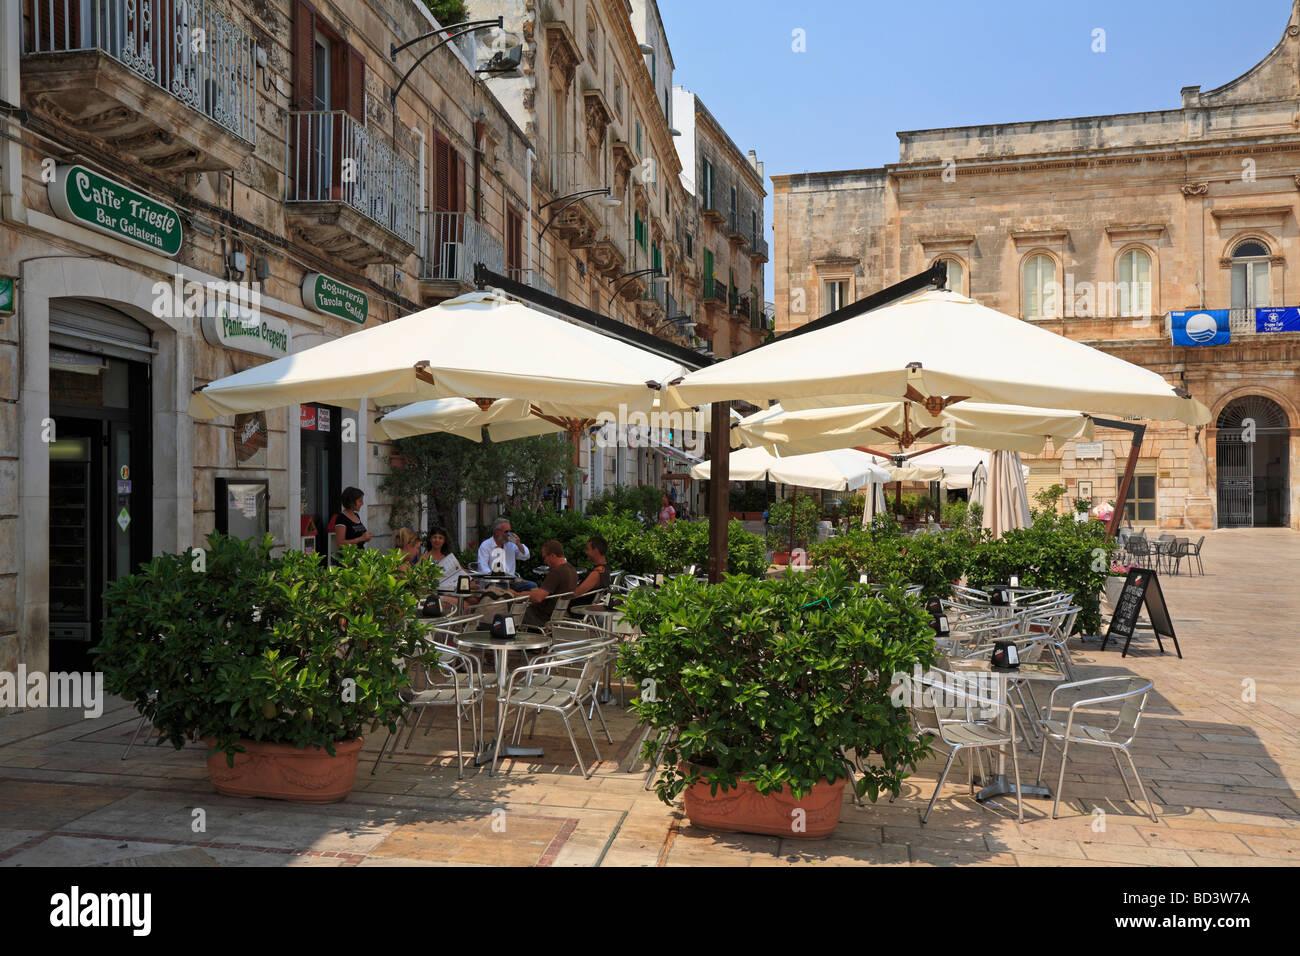 Caffe' Trieste, Piazza della Liberta, Ostuni, Puglia, Italy. Stock Photo